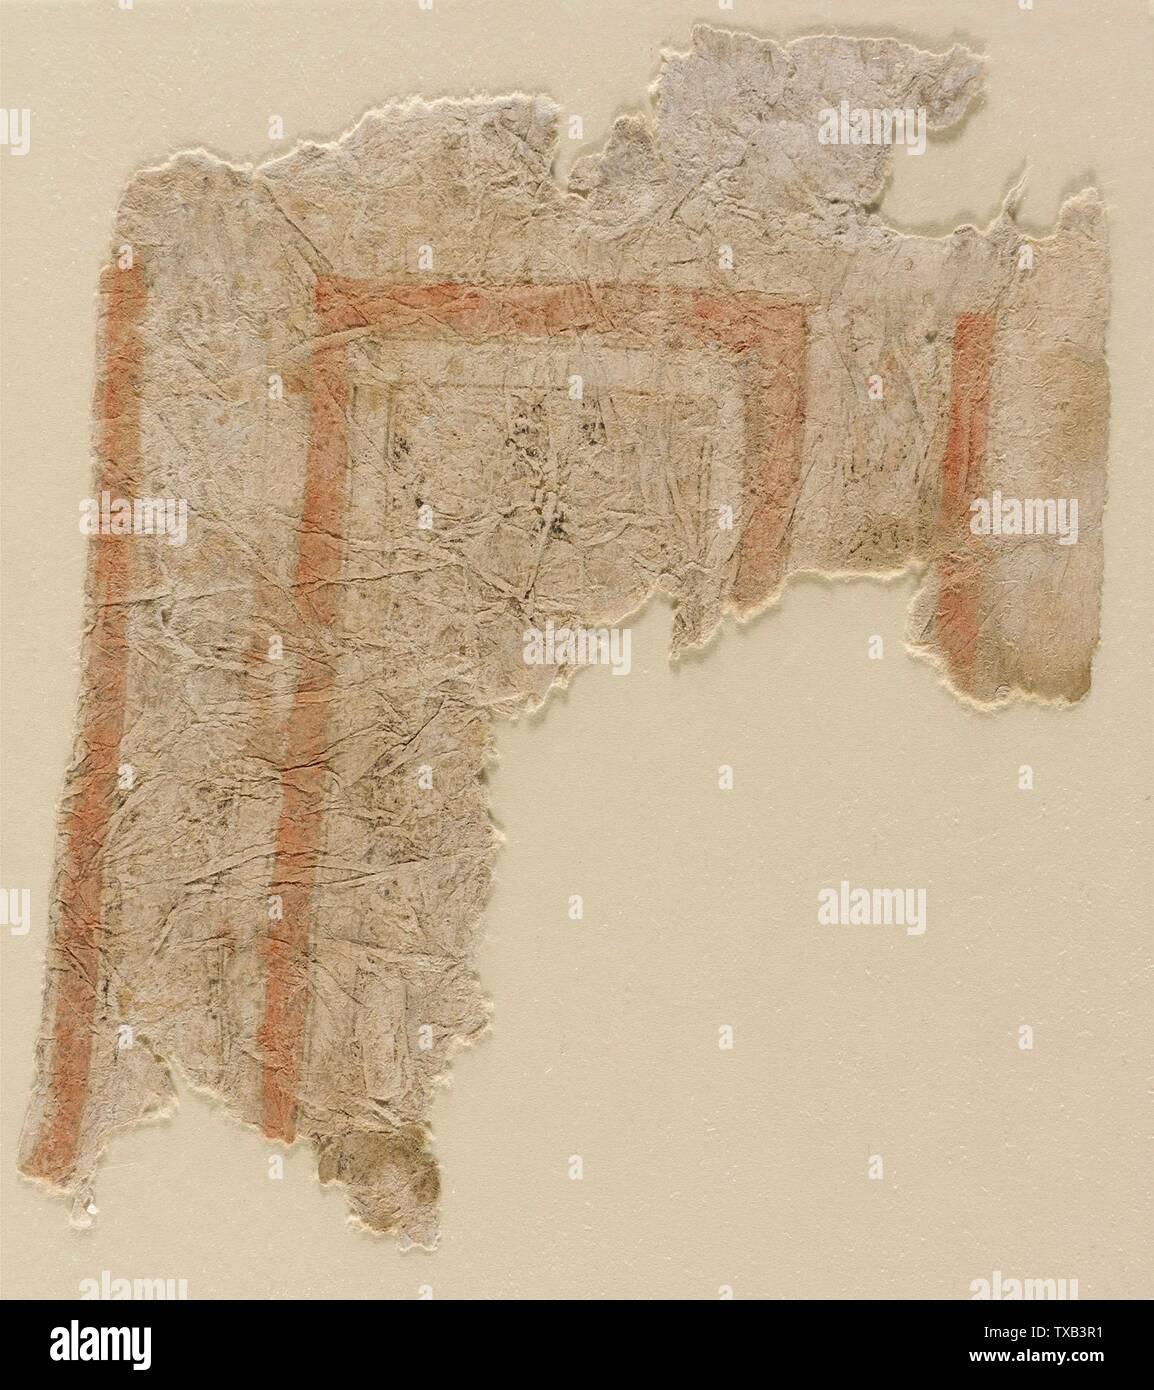 'Peinture; Anglais: Égypte, 1000-1250 Peintures Encre et couleurs sur papier La Madina Collection de l'Art Islamique, don de Camilla Chandler Frost (M.2002.1.656) L'Art Islamique; entre 1000 et 1250:P571 QS date,+1500-00-00T00:00:00Z/6,P1319,+1000-00-00T00:00:00Z/9,P1326,+1250-00-00T00:00:00Z/9; ' Photo Stock